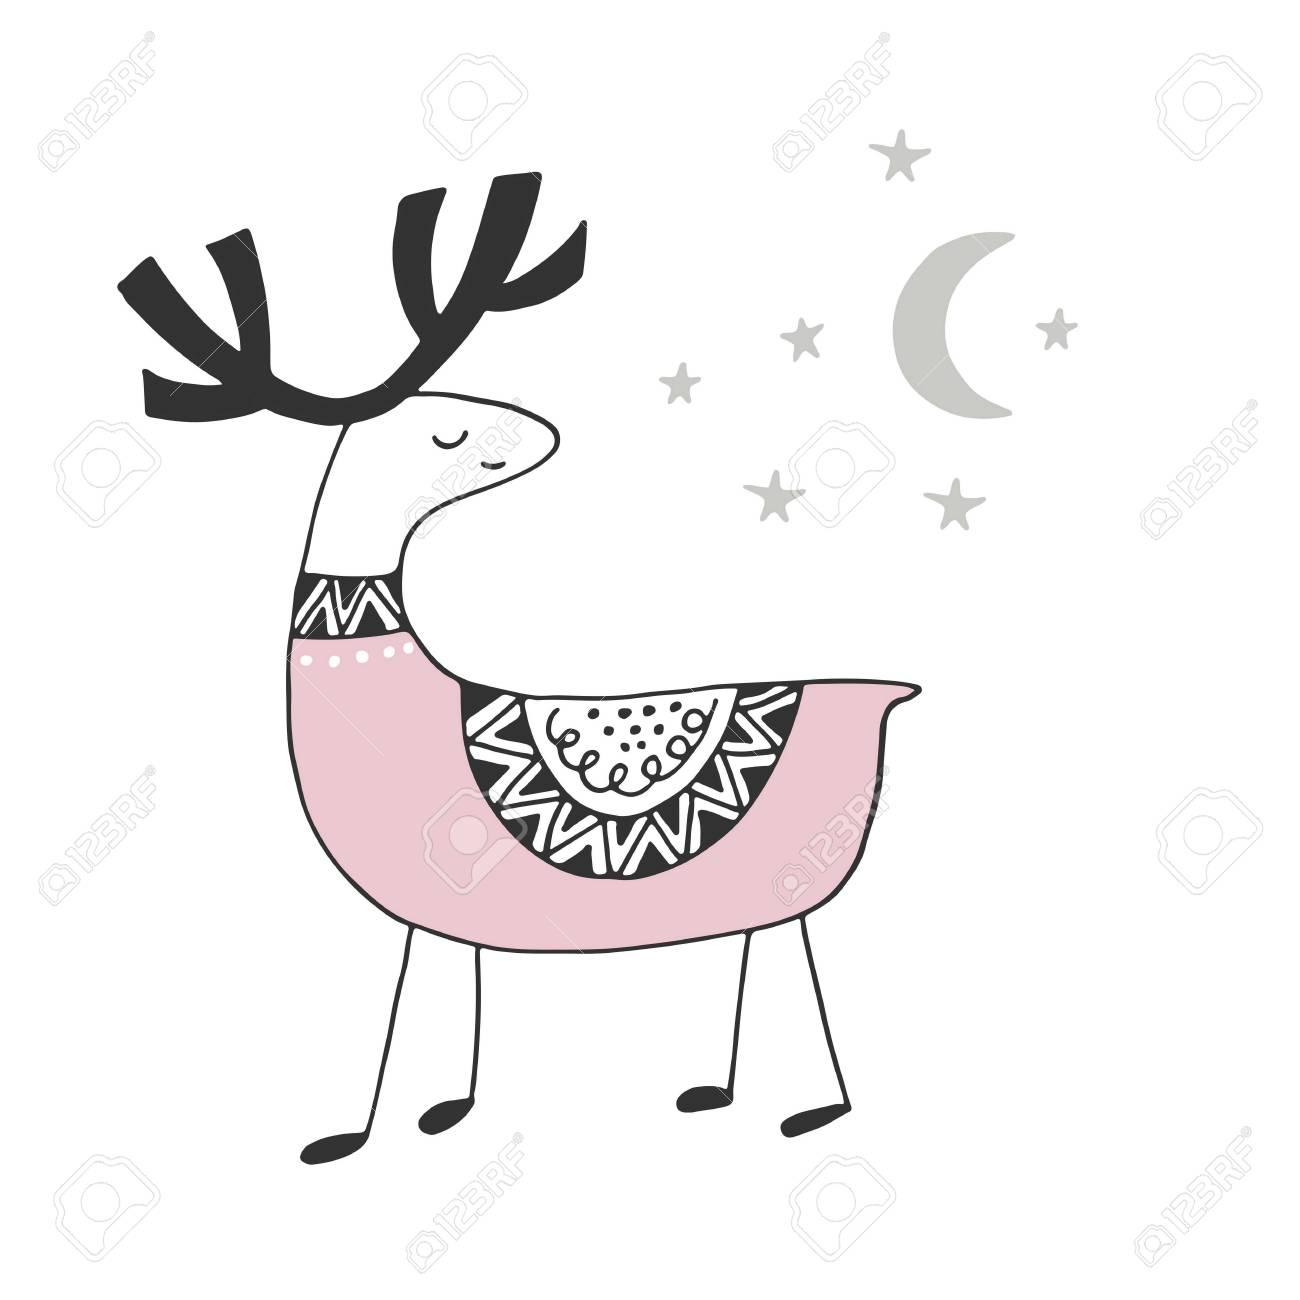 北欧スタイルの鹿とかわいい手描き下ろし保育園ポスター。モノクロの